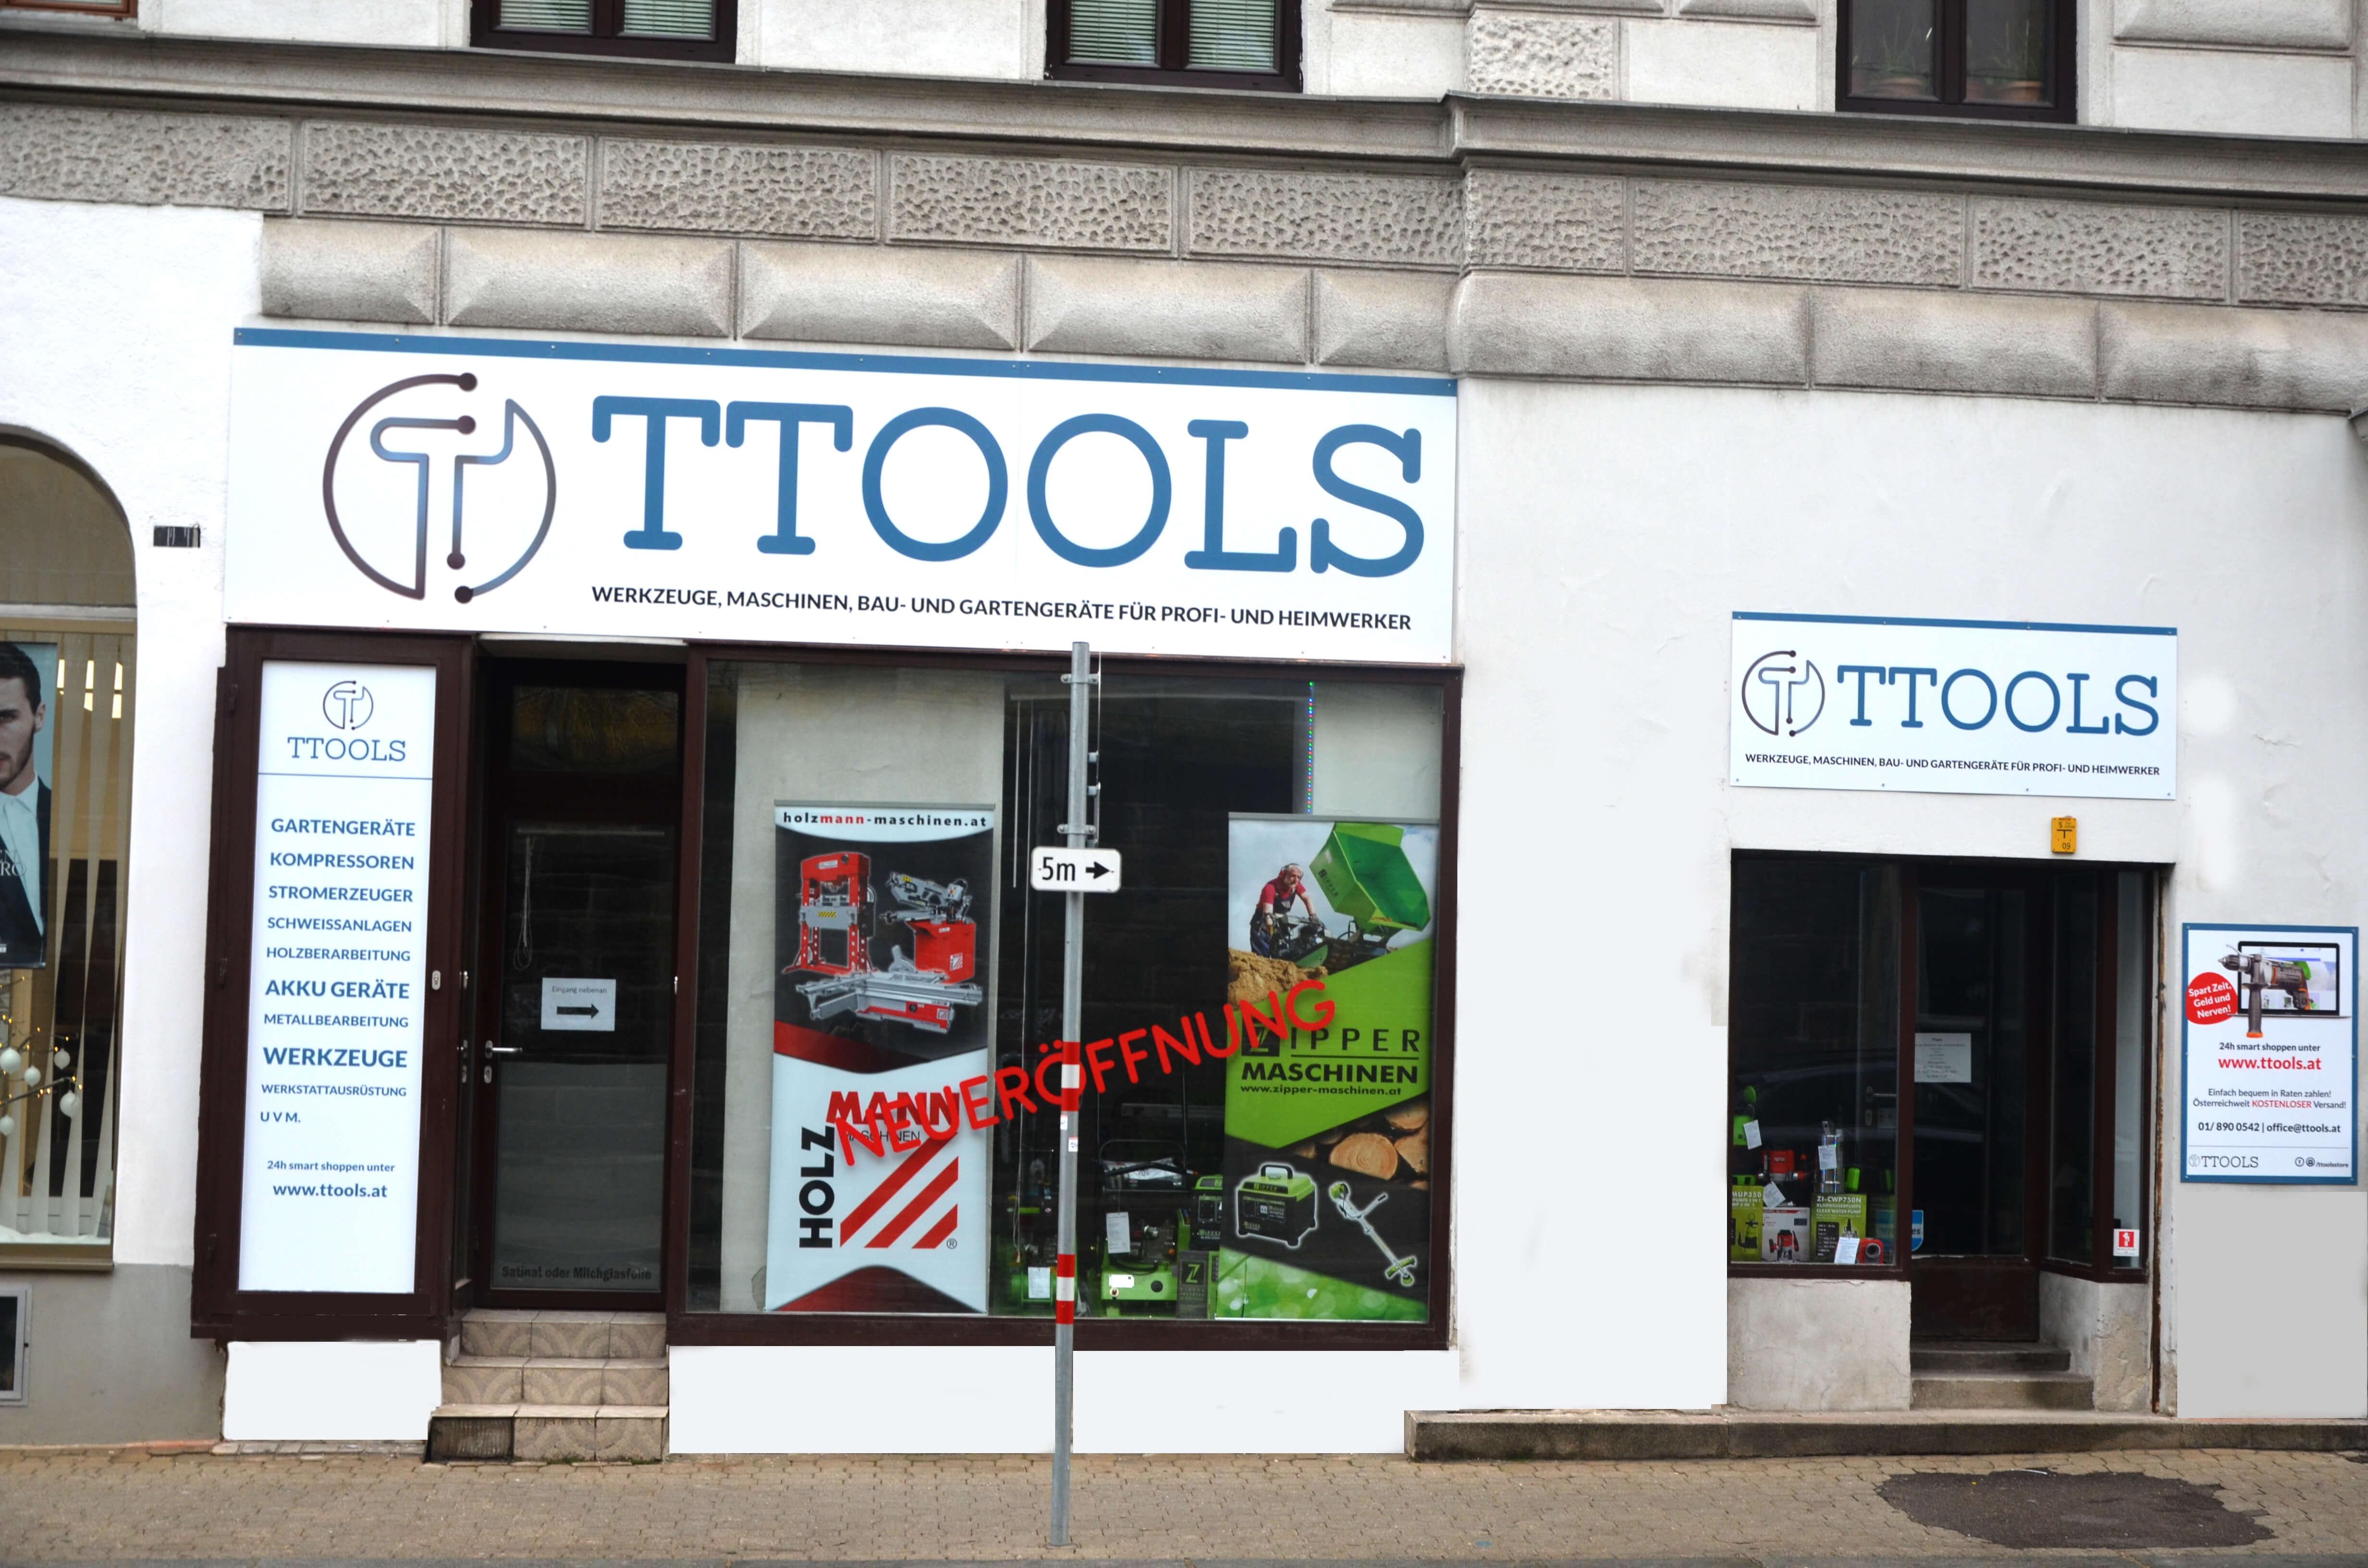 TTOOLS - Werkzeuge, Maschinen, Bau- und Gartengeräte